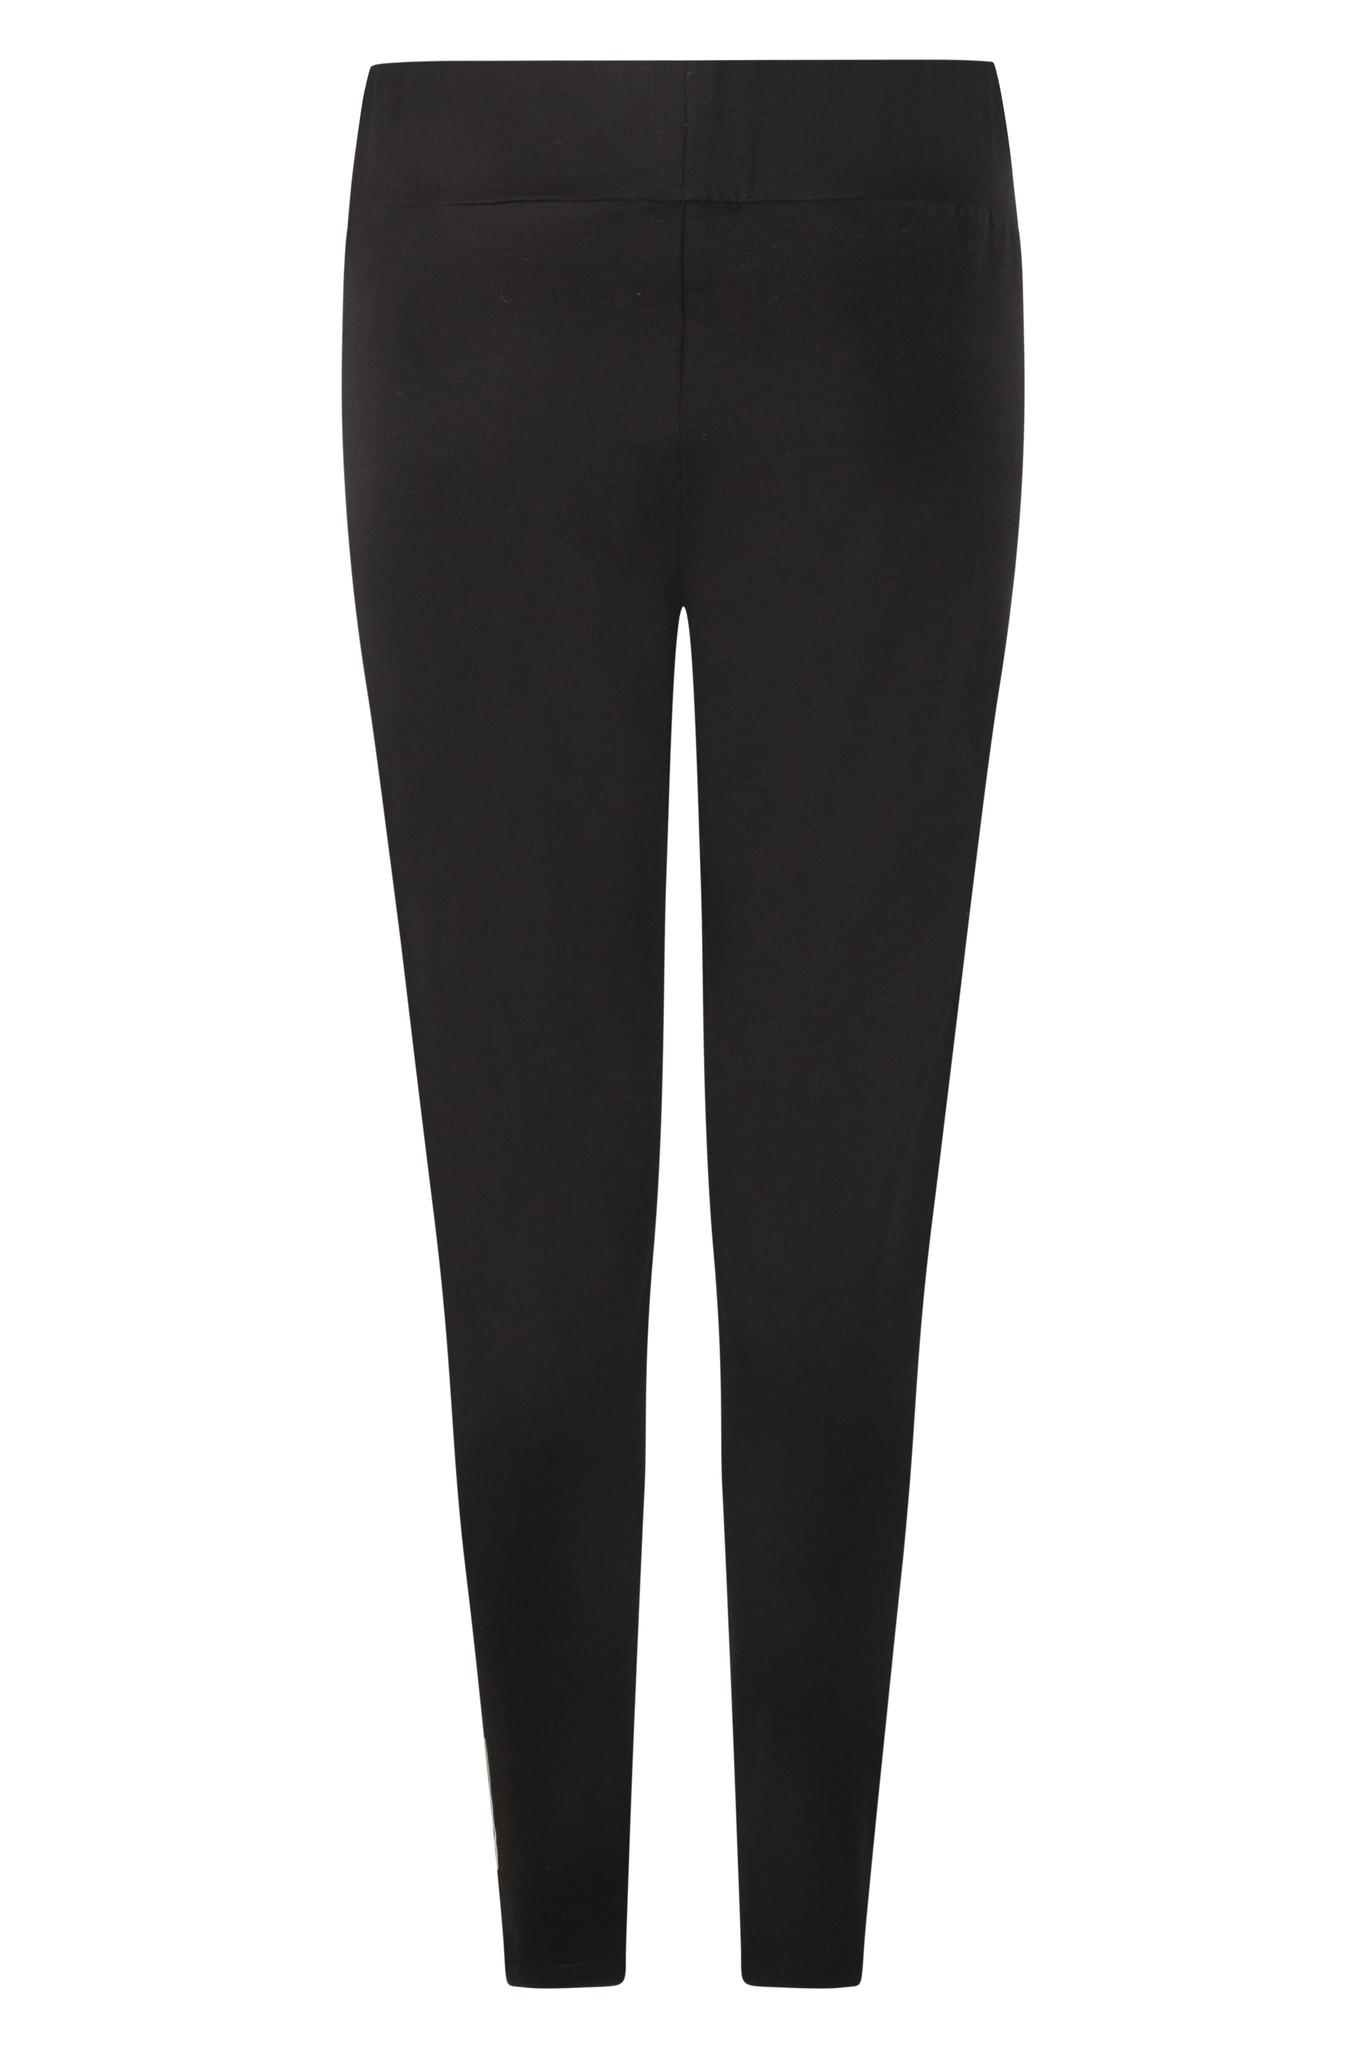 Zoso Zoso 215 Alice tight pant with techprint black/offwhite